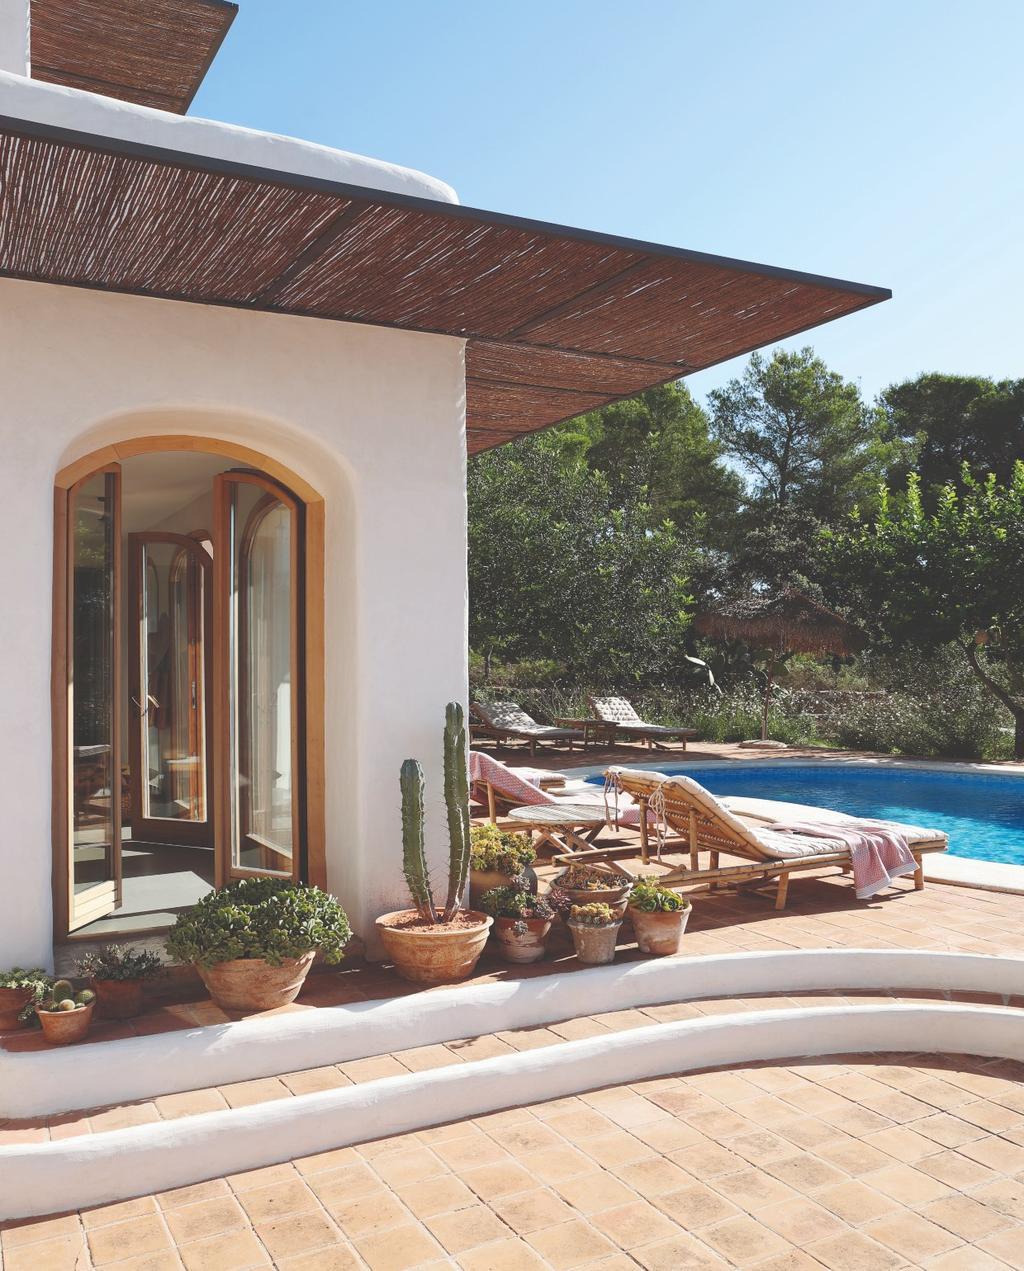 vtwonen 07-2020 binnenkijken ibiza tuin met zwembad